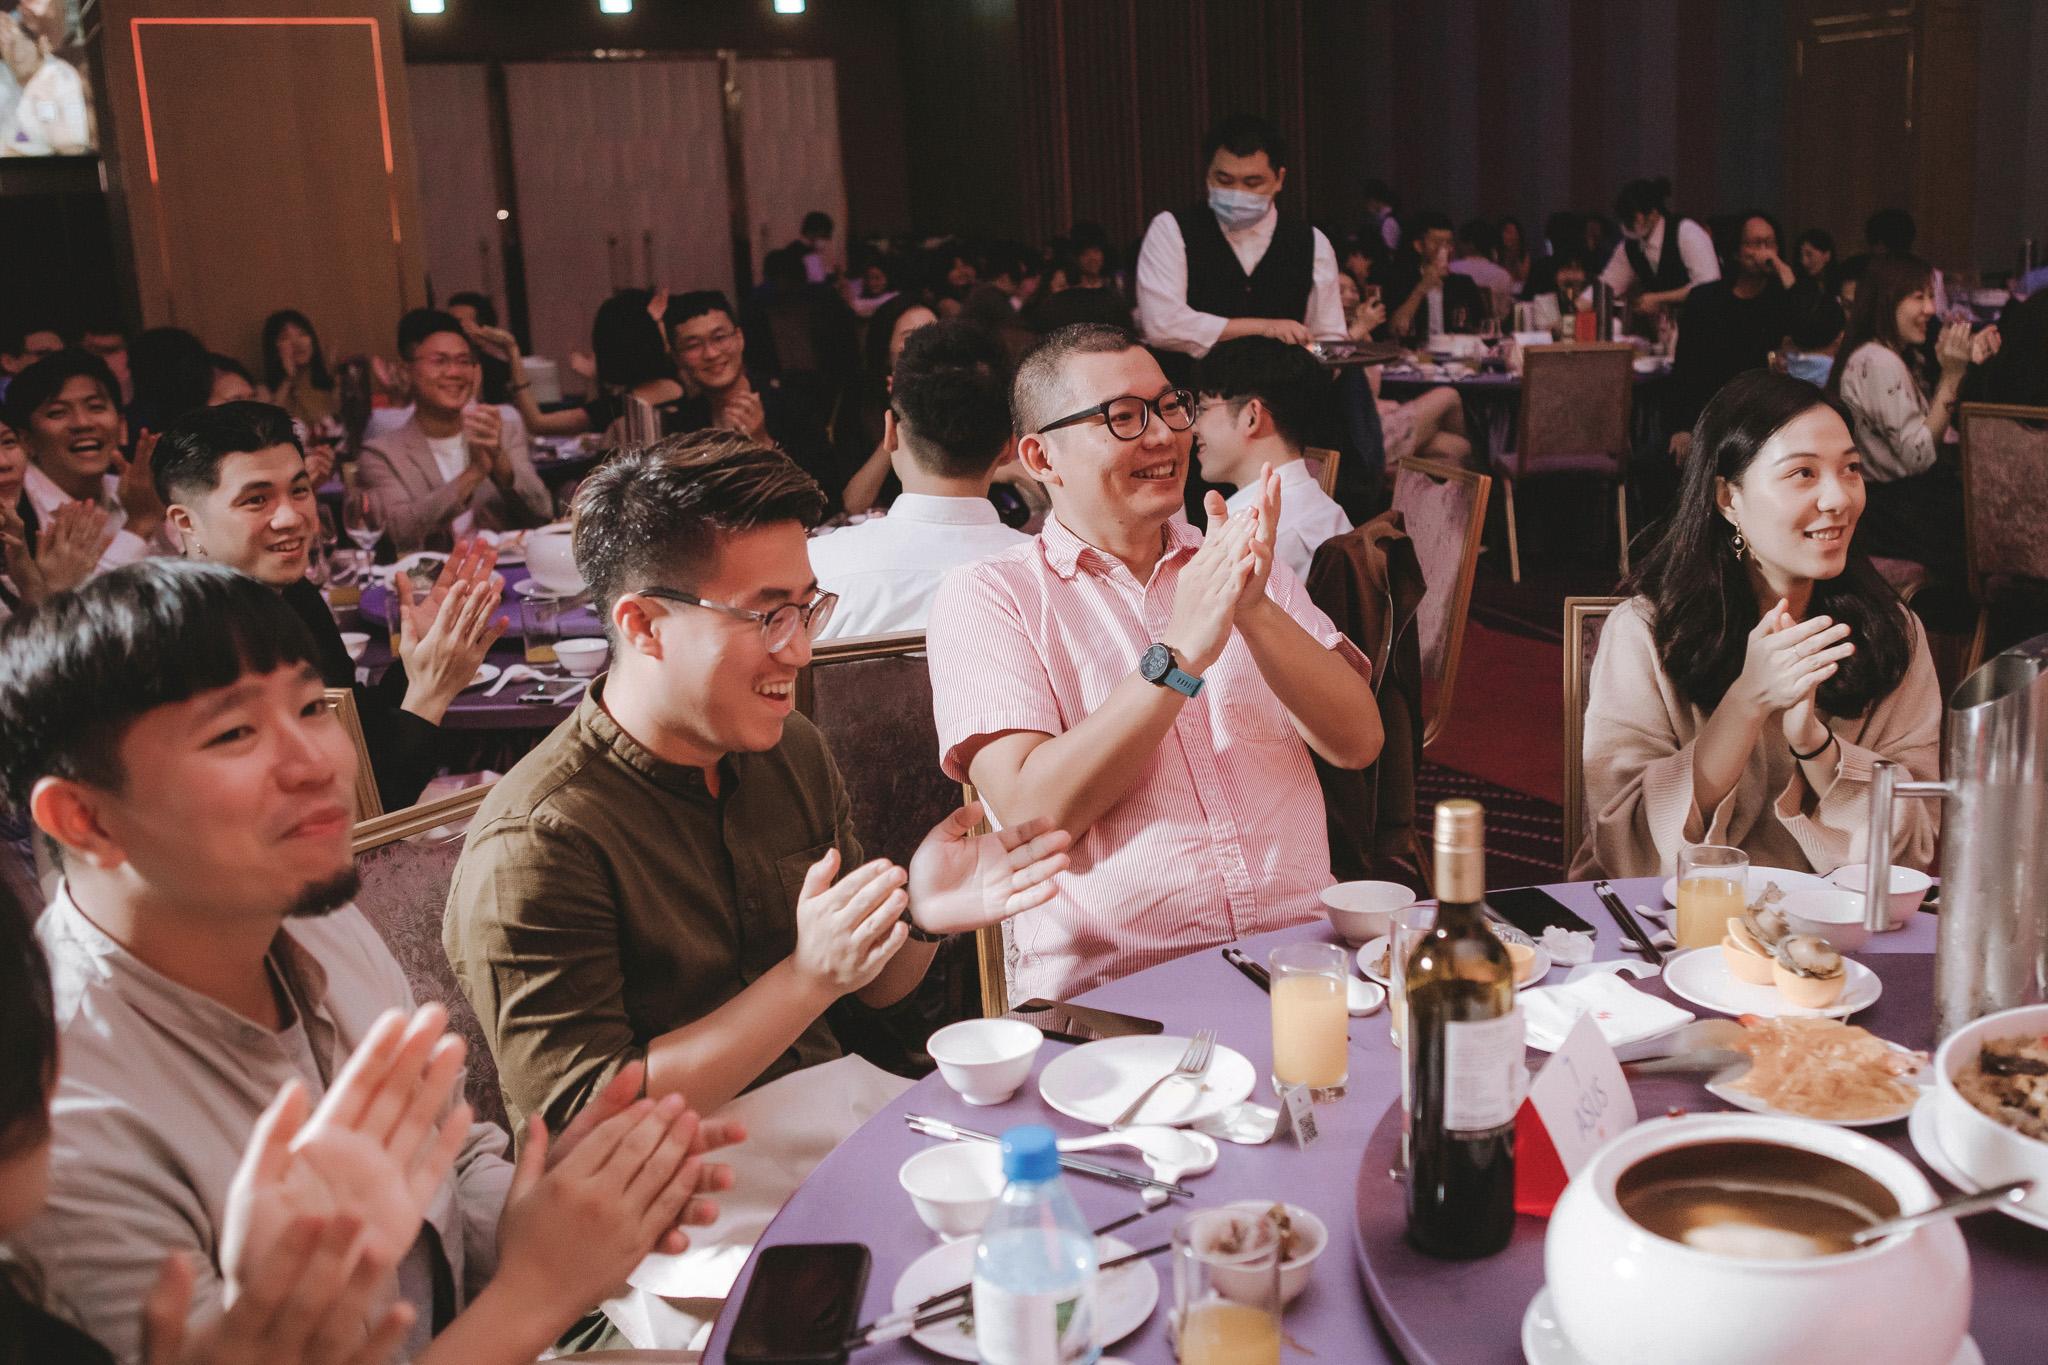 EW 居米 台北婚宴 台北婚紗 台北婚攝 國泰萬怡 台北婚禮 -57